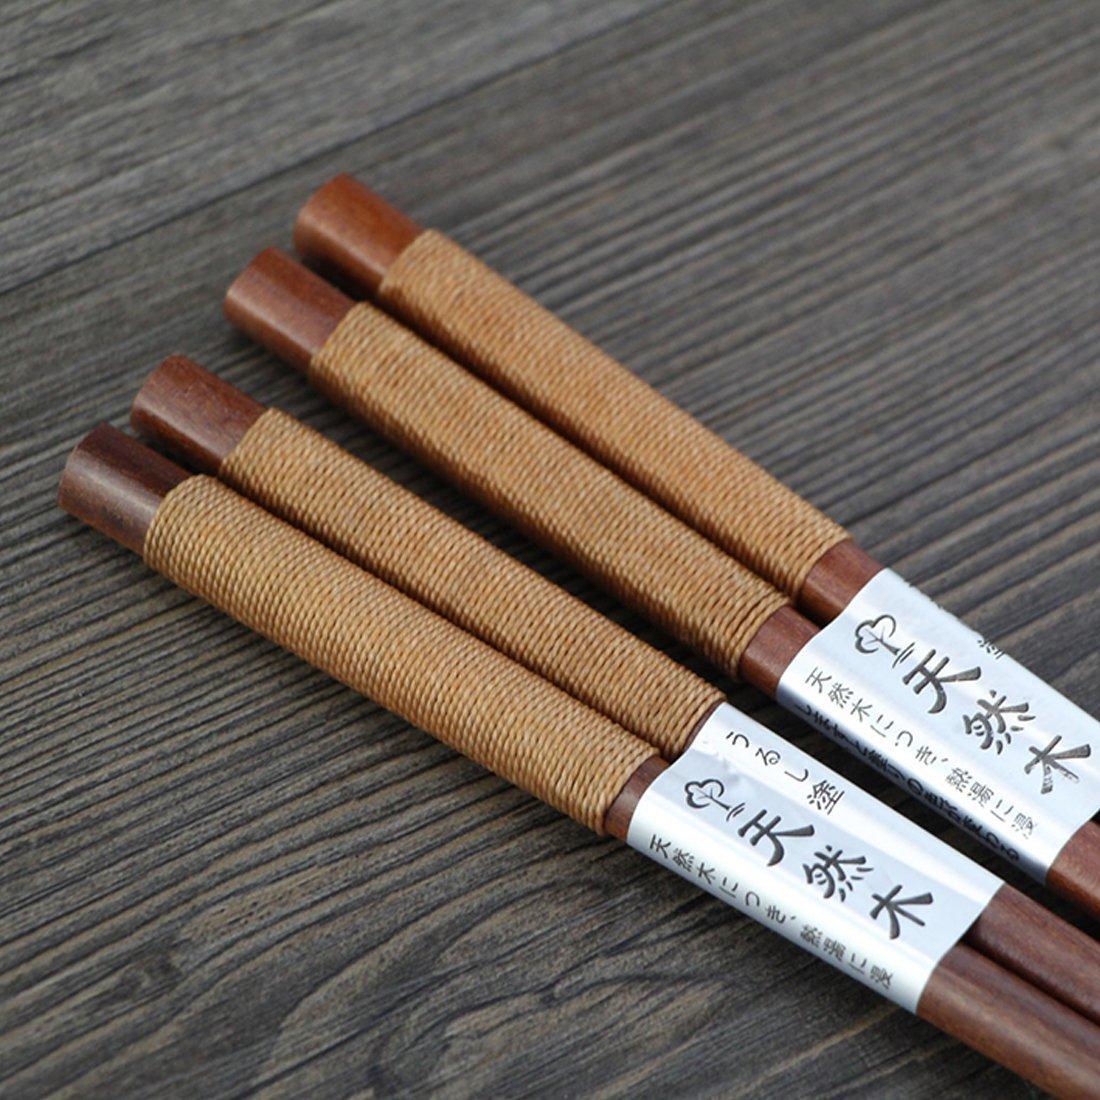 Japanisches nat/ürliches Eisen-Holz Vorteilspack Schwarz Kochgeschirr 1 Paar C Luwu-Store Essst/äbchen